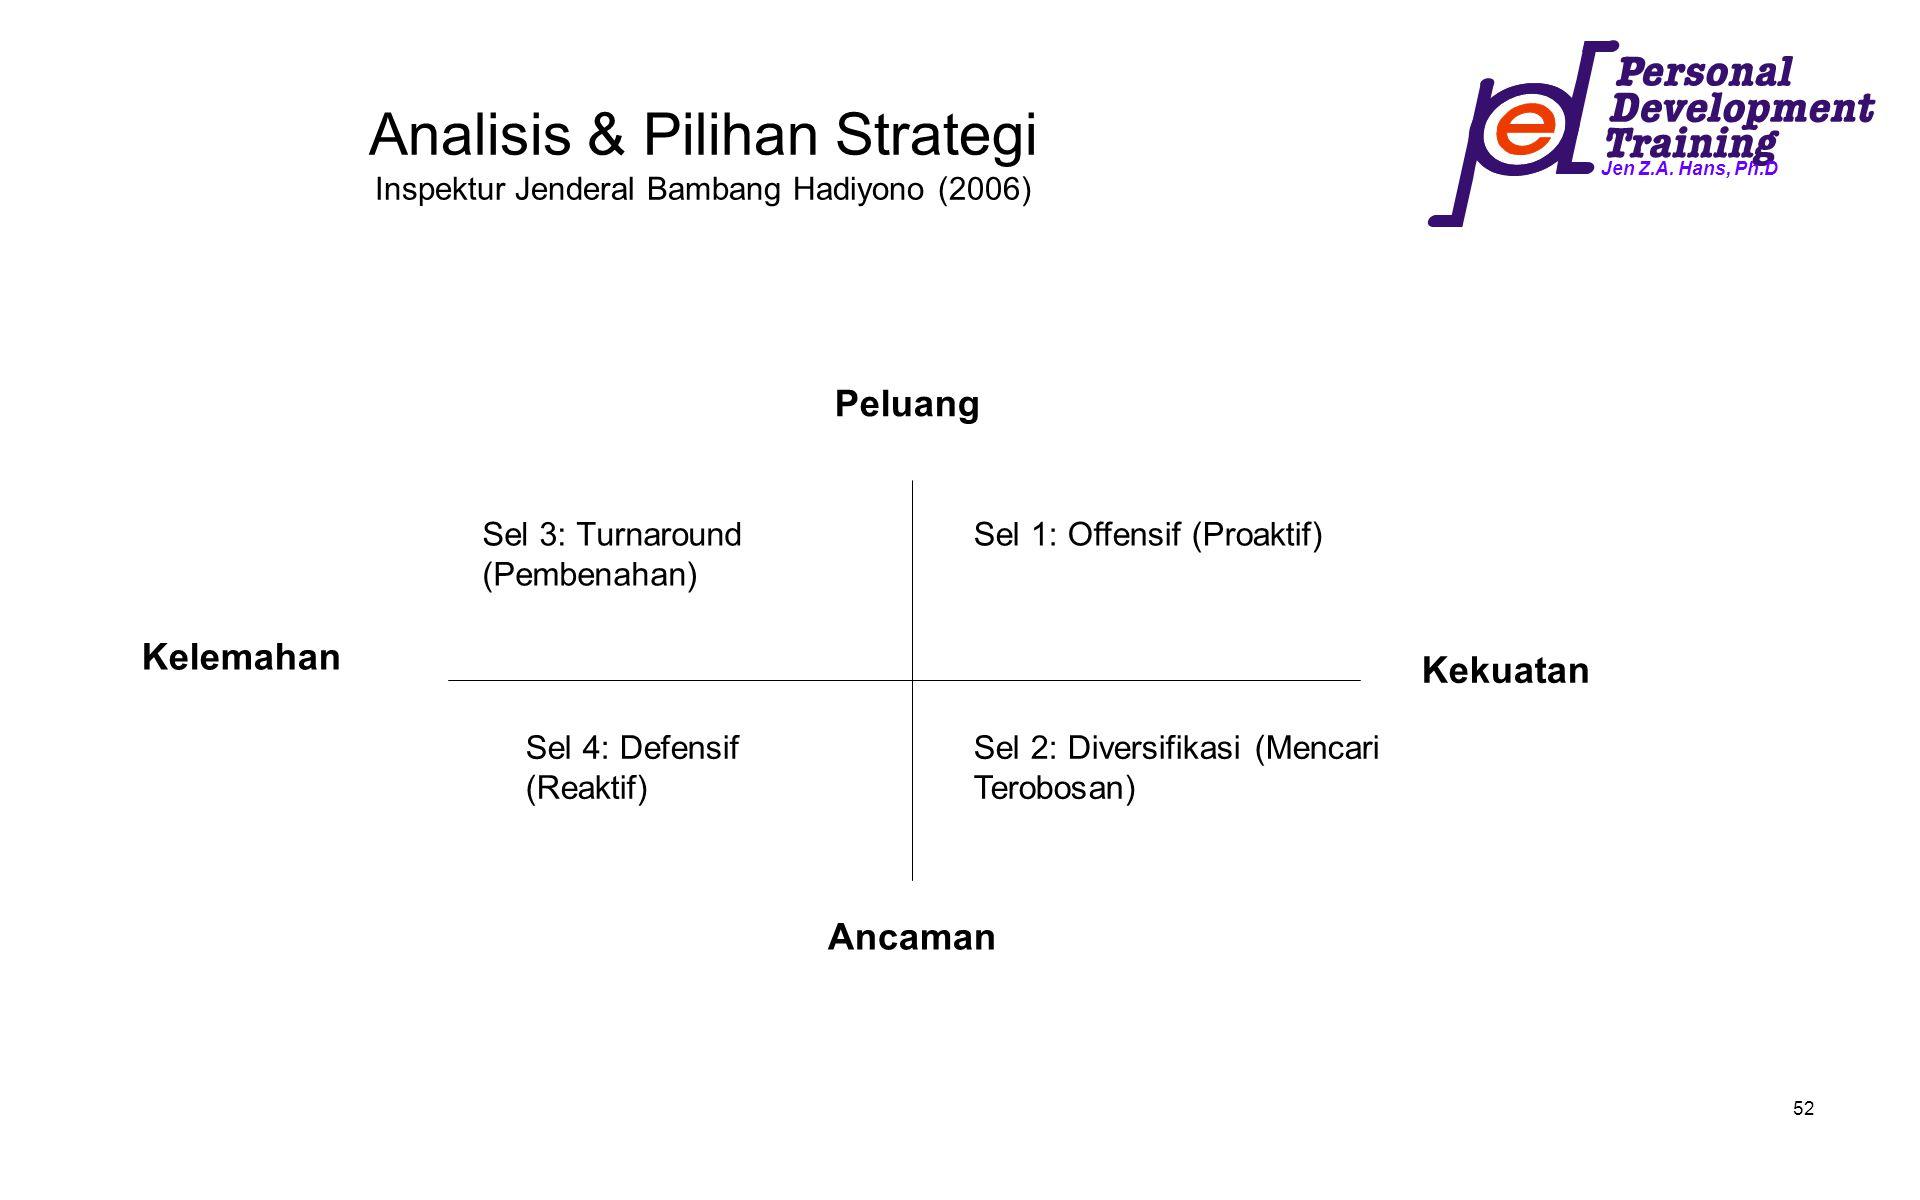 Analisis & Pilihan Strategi Inspektur Jenderal Bambang Hadiyono (2006)